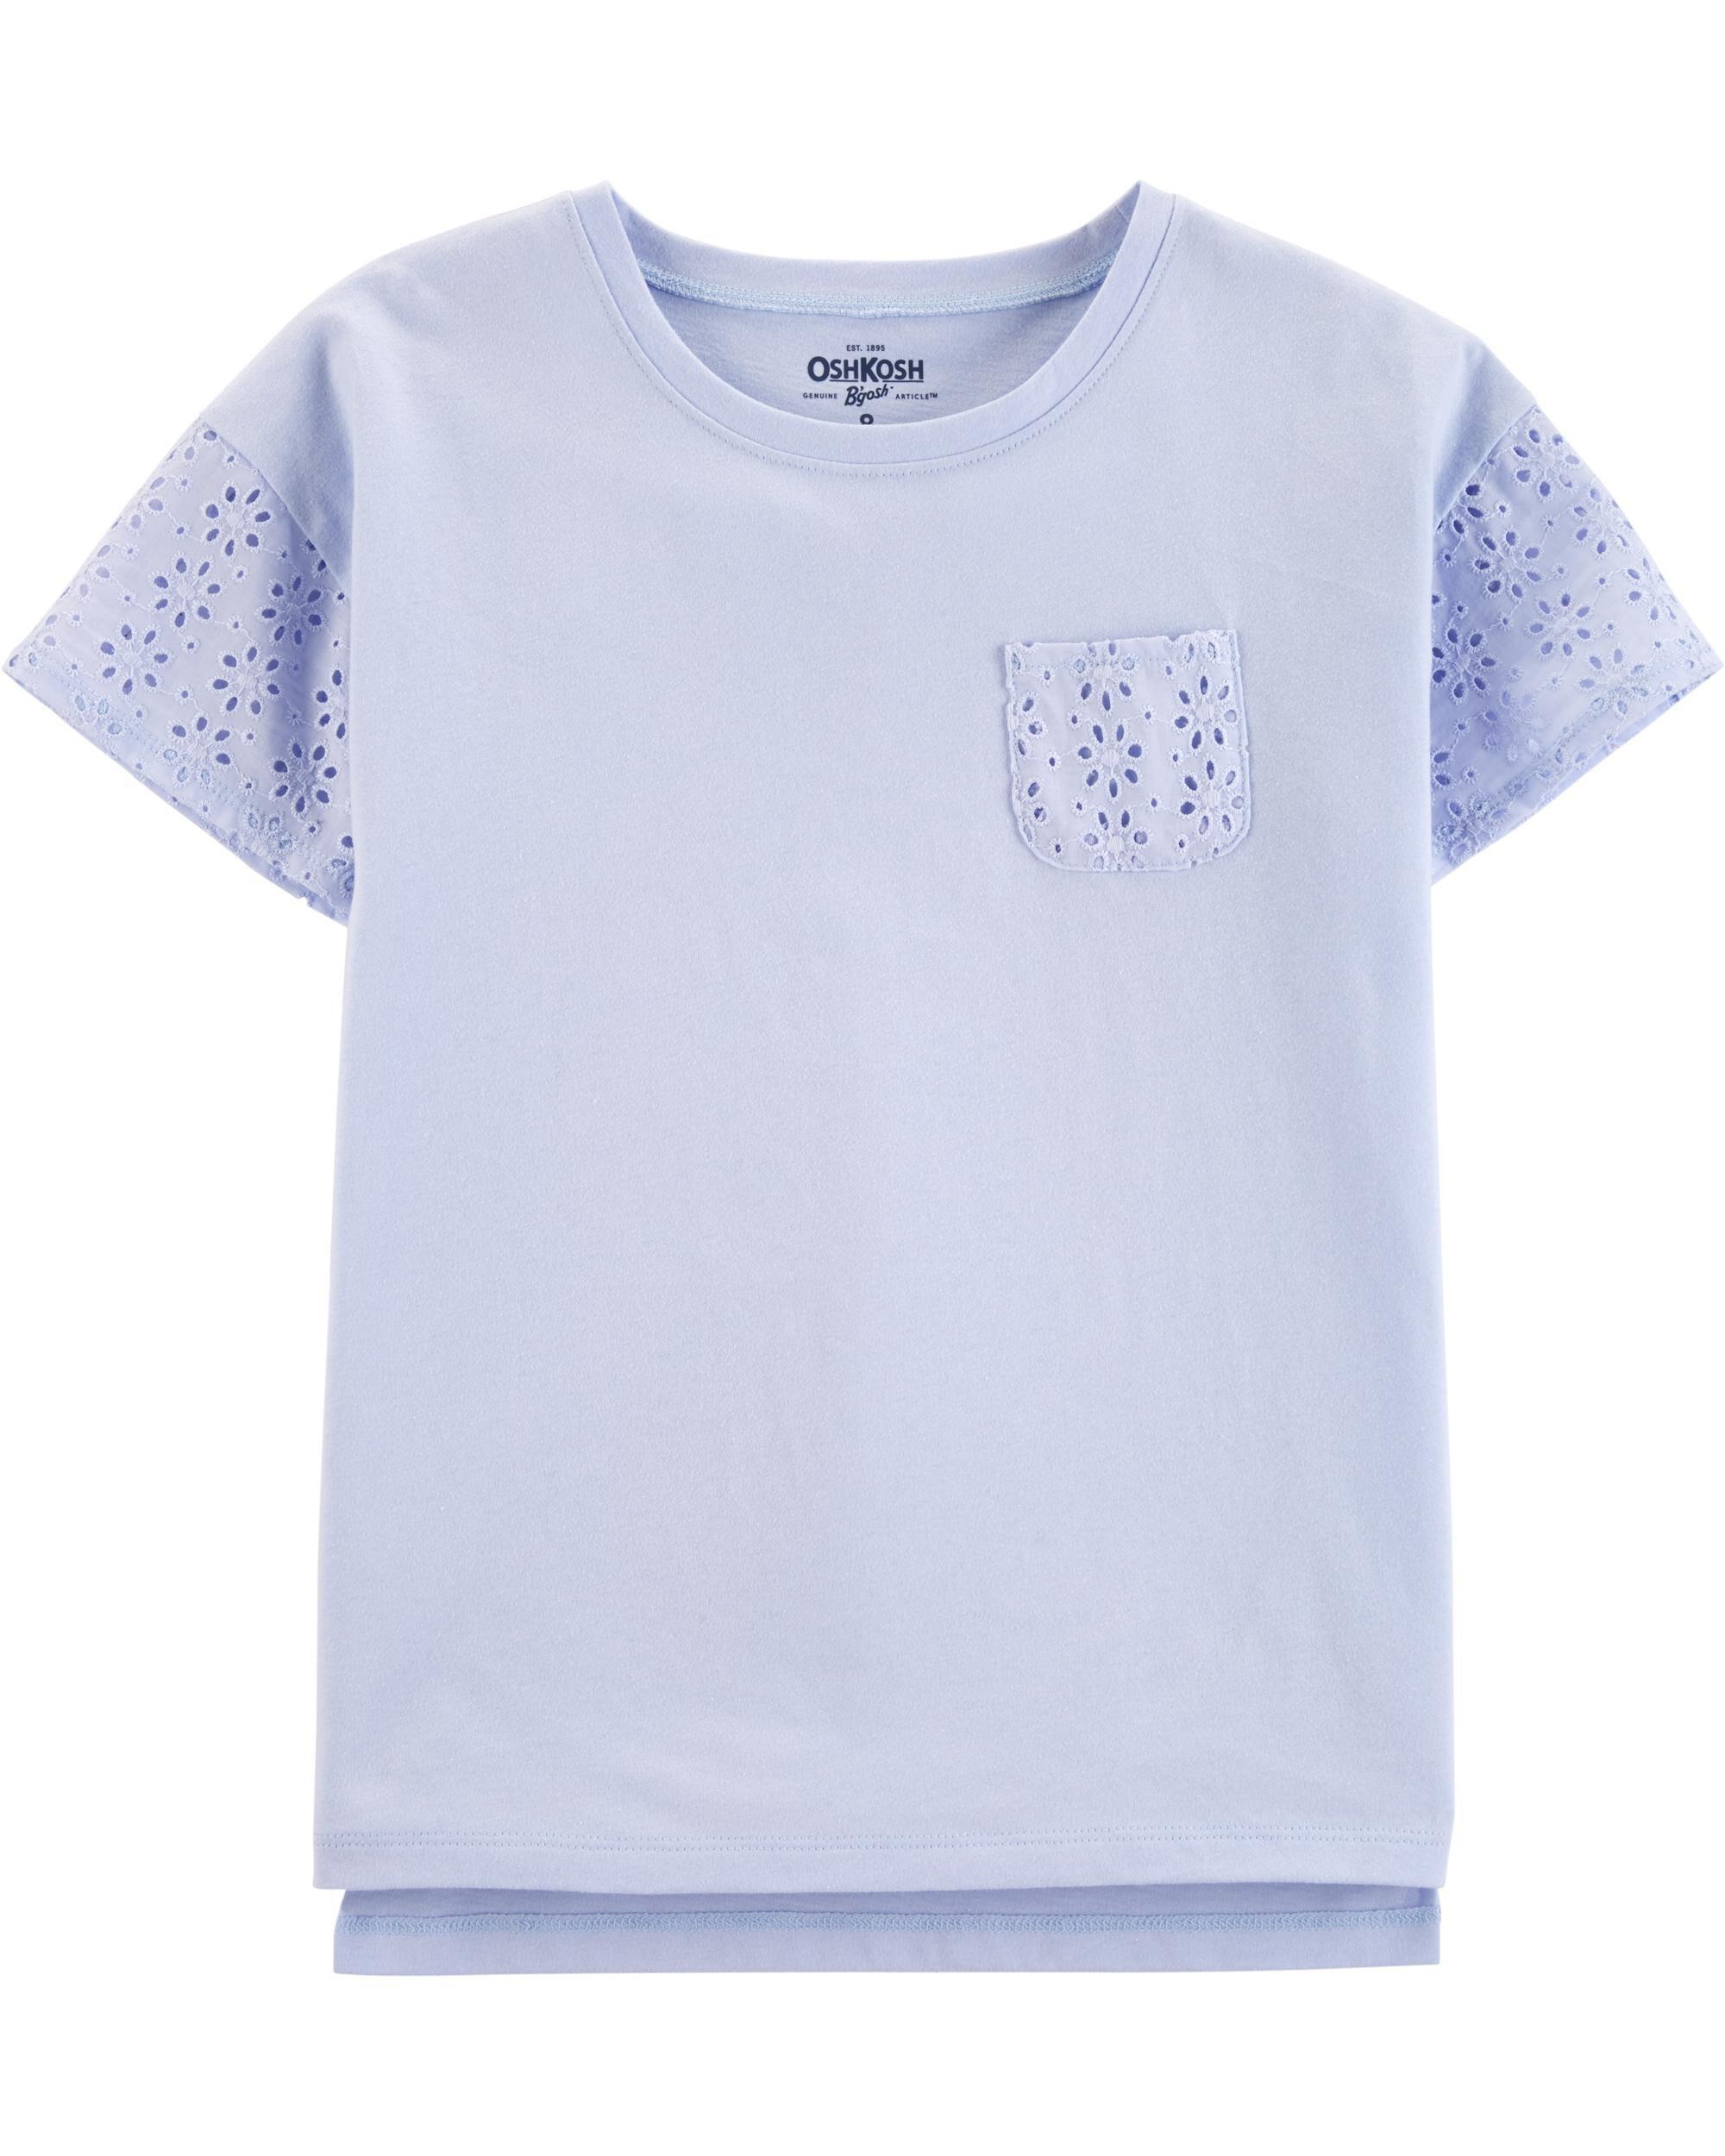 12m Genuine Kids By Oshkosh Girls Overalls Coral Polka Dot Always Buy Good